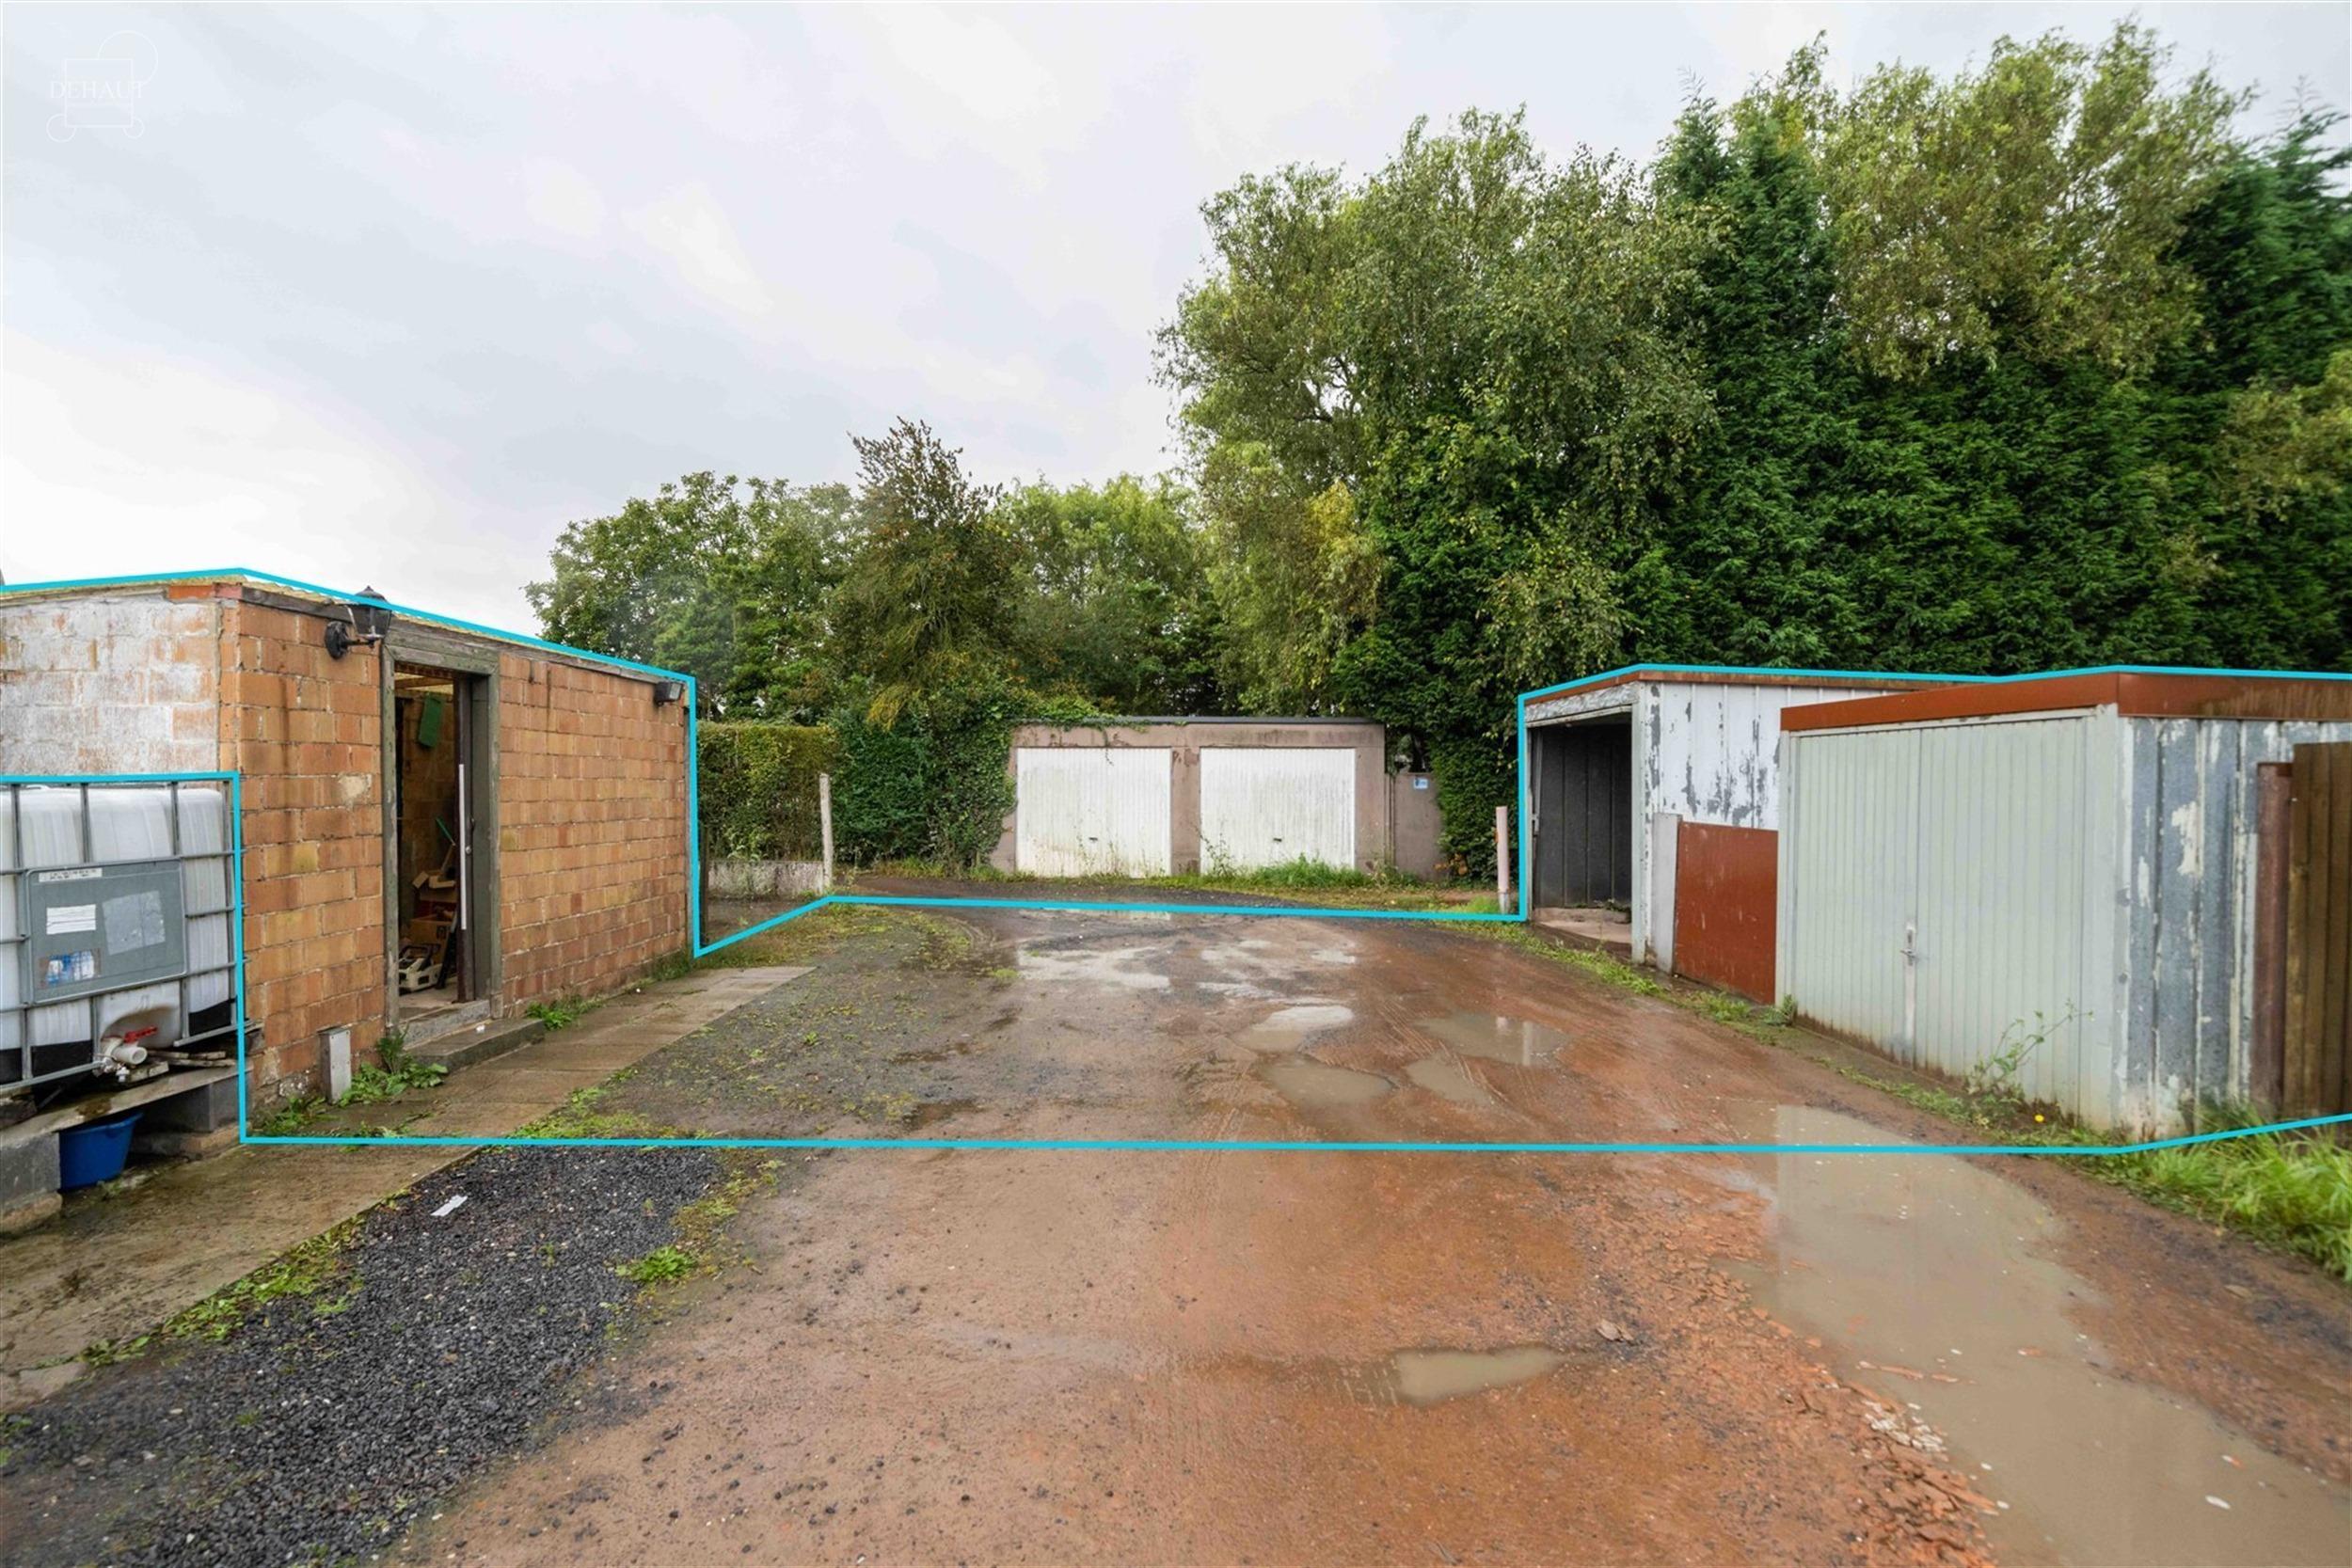 Maison de ville avec double garage par accès arrière comprenant un salon, séjour, cuisine équipée, arrière cuisine, salle de bain avec baignoire...